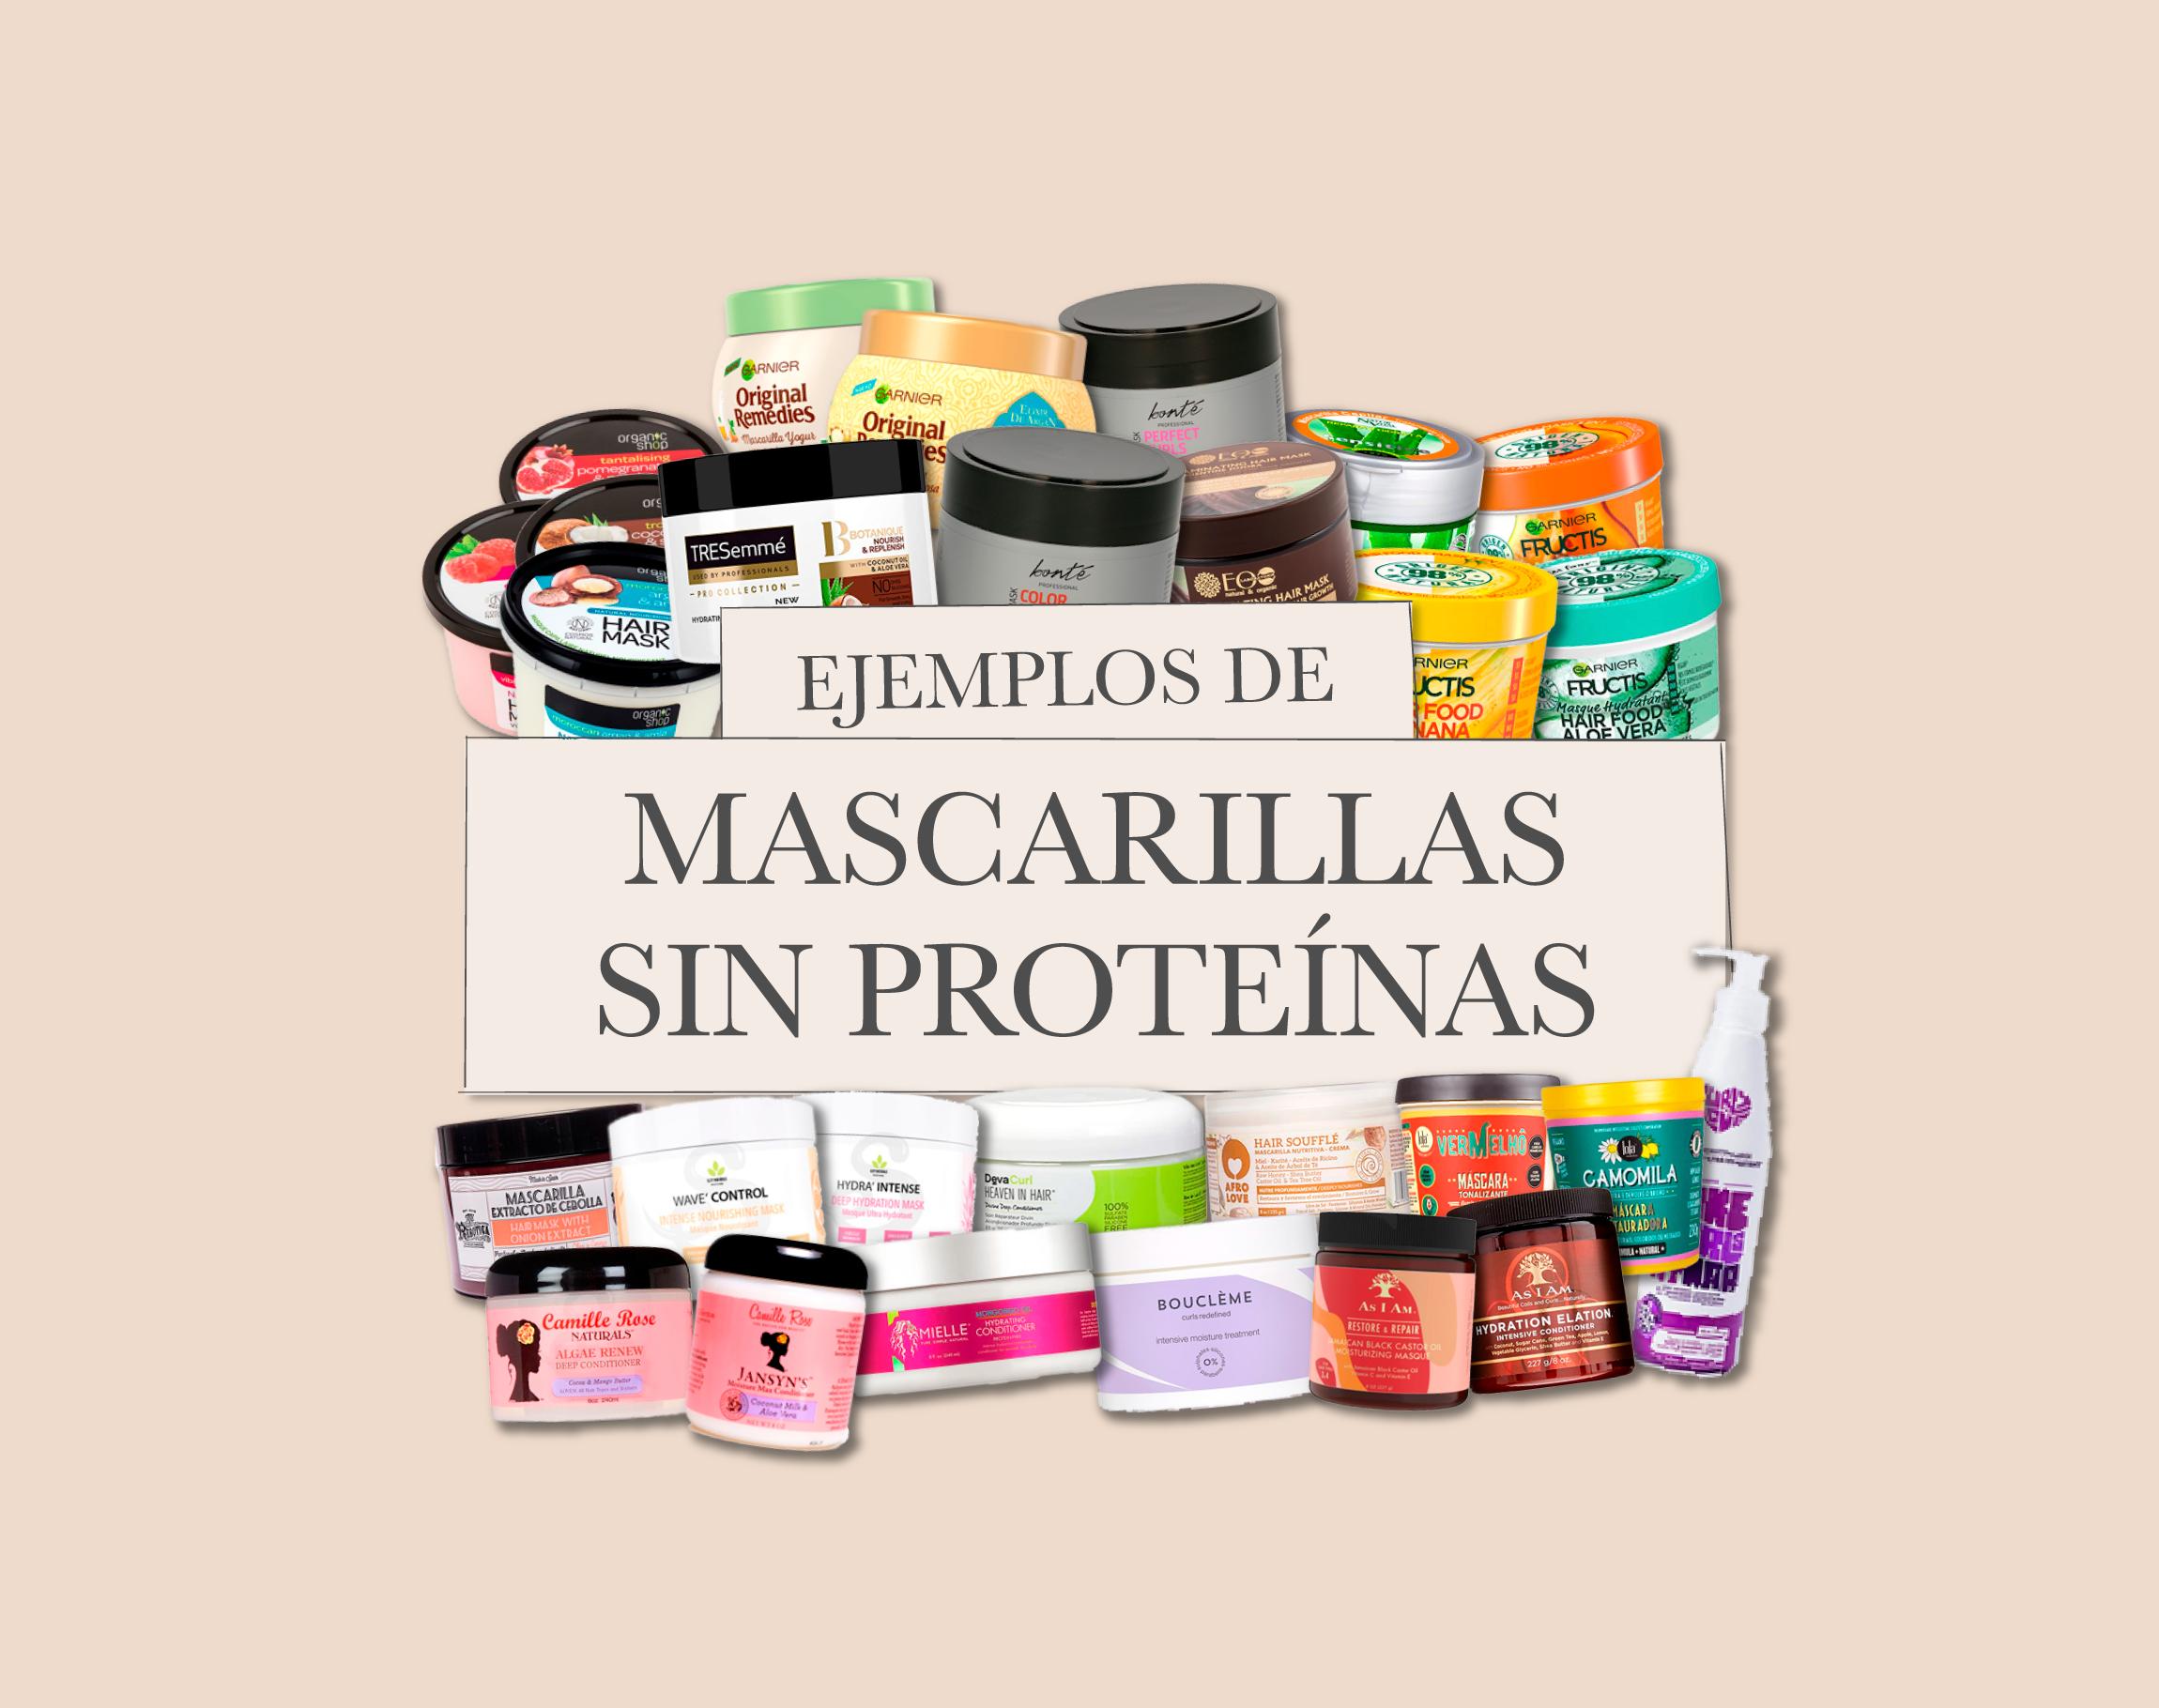 Mascarillas SIN proteínas – ejemplos de productos